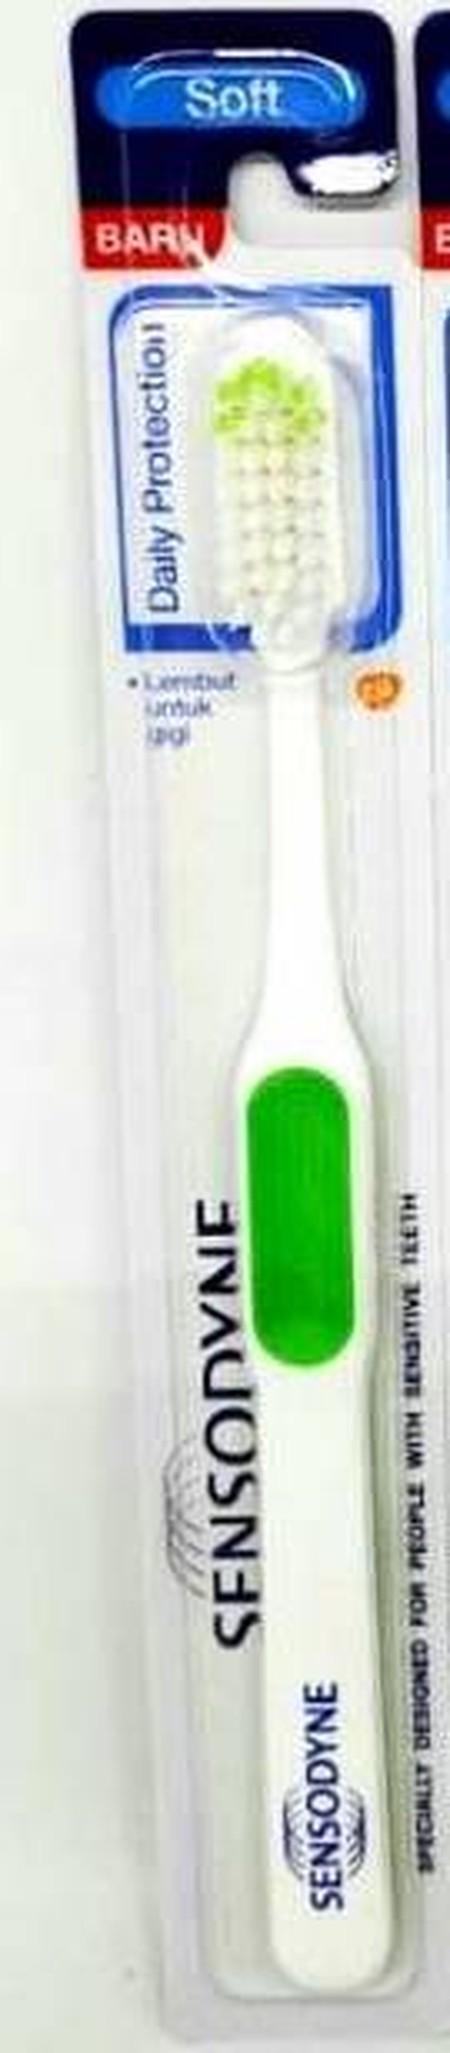 Sikat gigi Sensodyne Daily Protection didesain khusus untuk orang dengan gigi sensitif. Lembut untuk gigi dan gusi. Dengan bulu sikat yang lembut dan berujung bulat,tepat untuk gigi sensitif. Tangkai sikat gigi yang tidak licin dan mudah digenggam,memudah